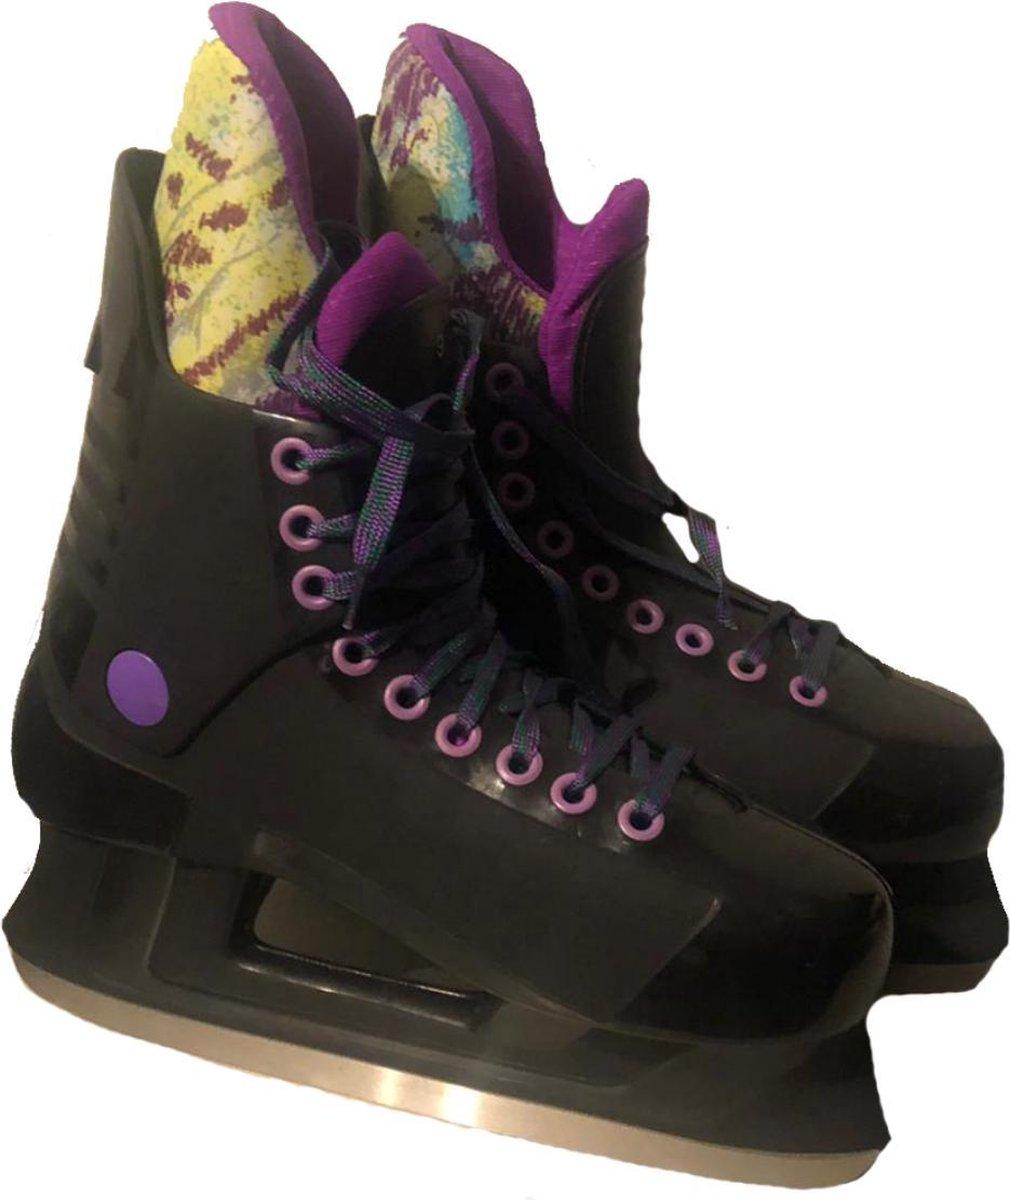 ACRO - IJshockeyschaats Polyester - Schaatsen - ijs schaats - Deluxe - Unisex - ijshockey schaatsen - Maat 42